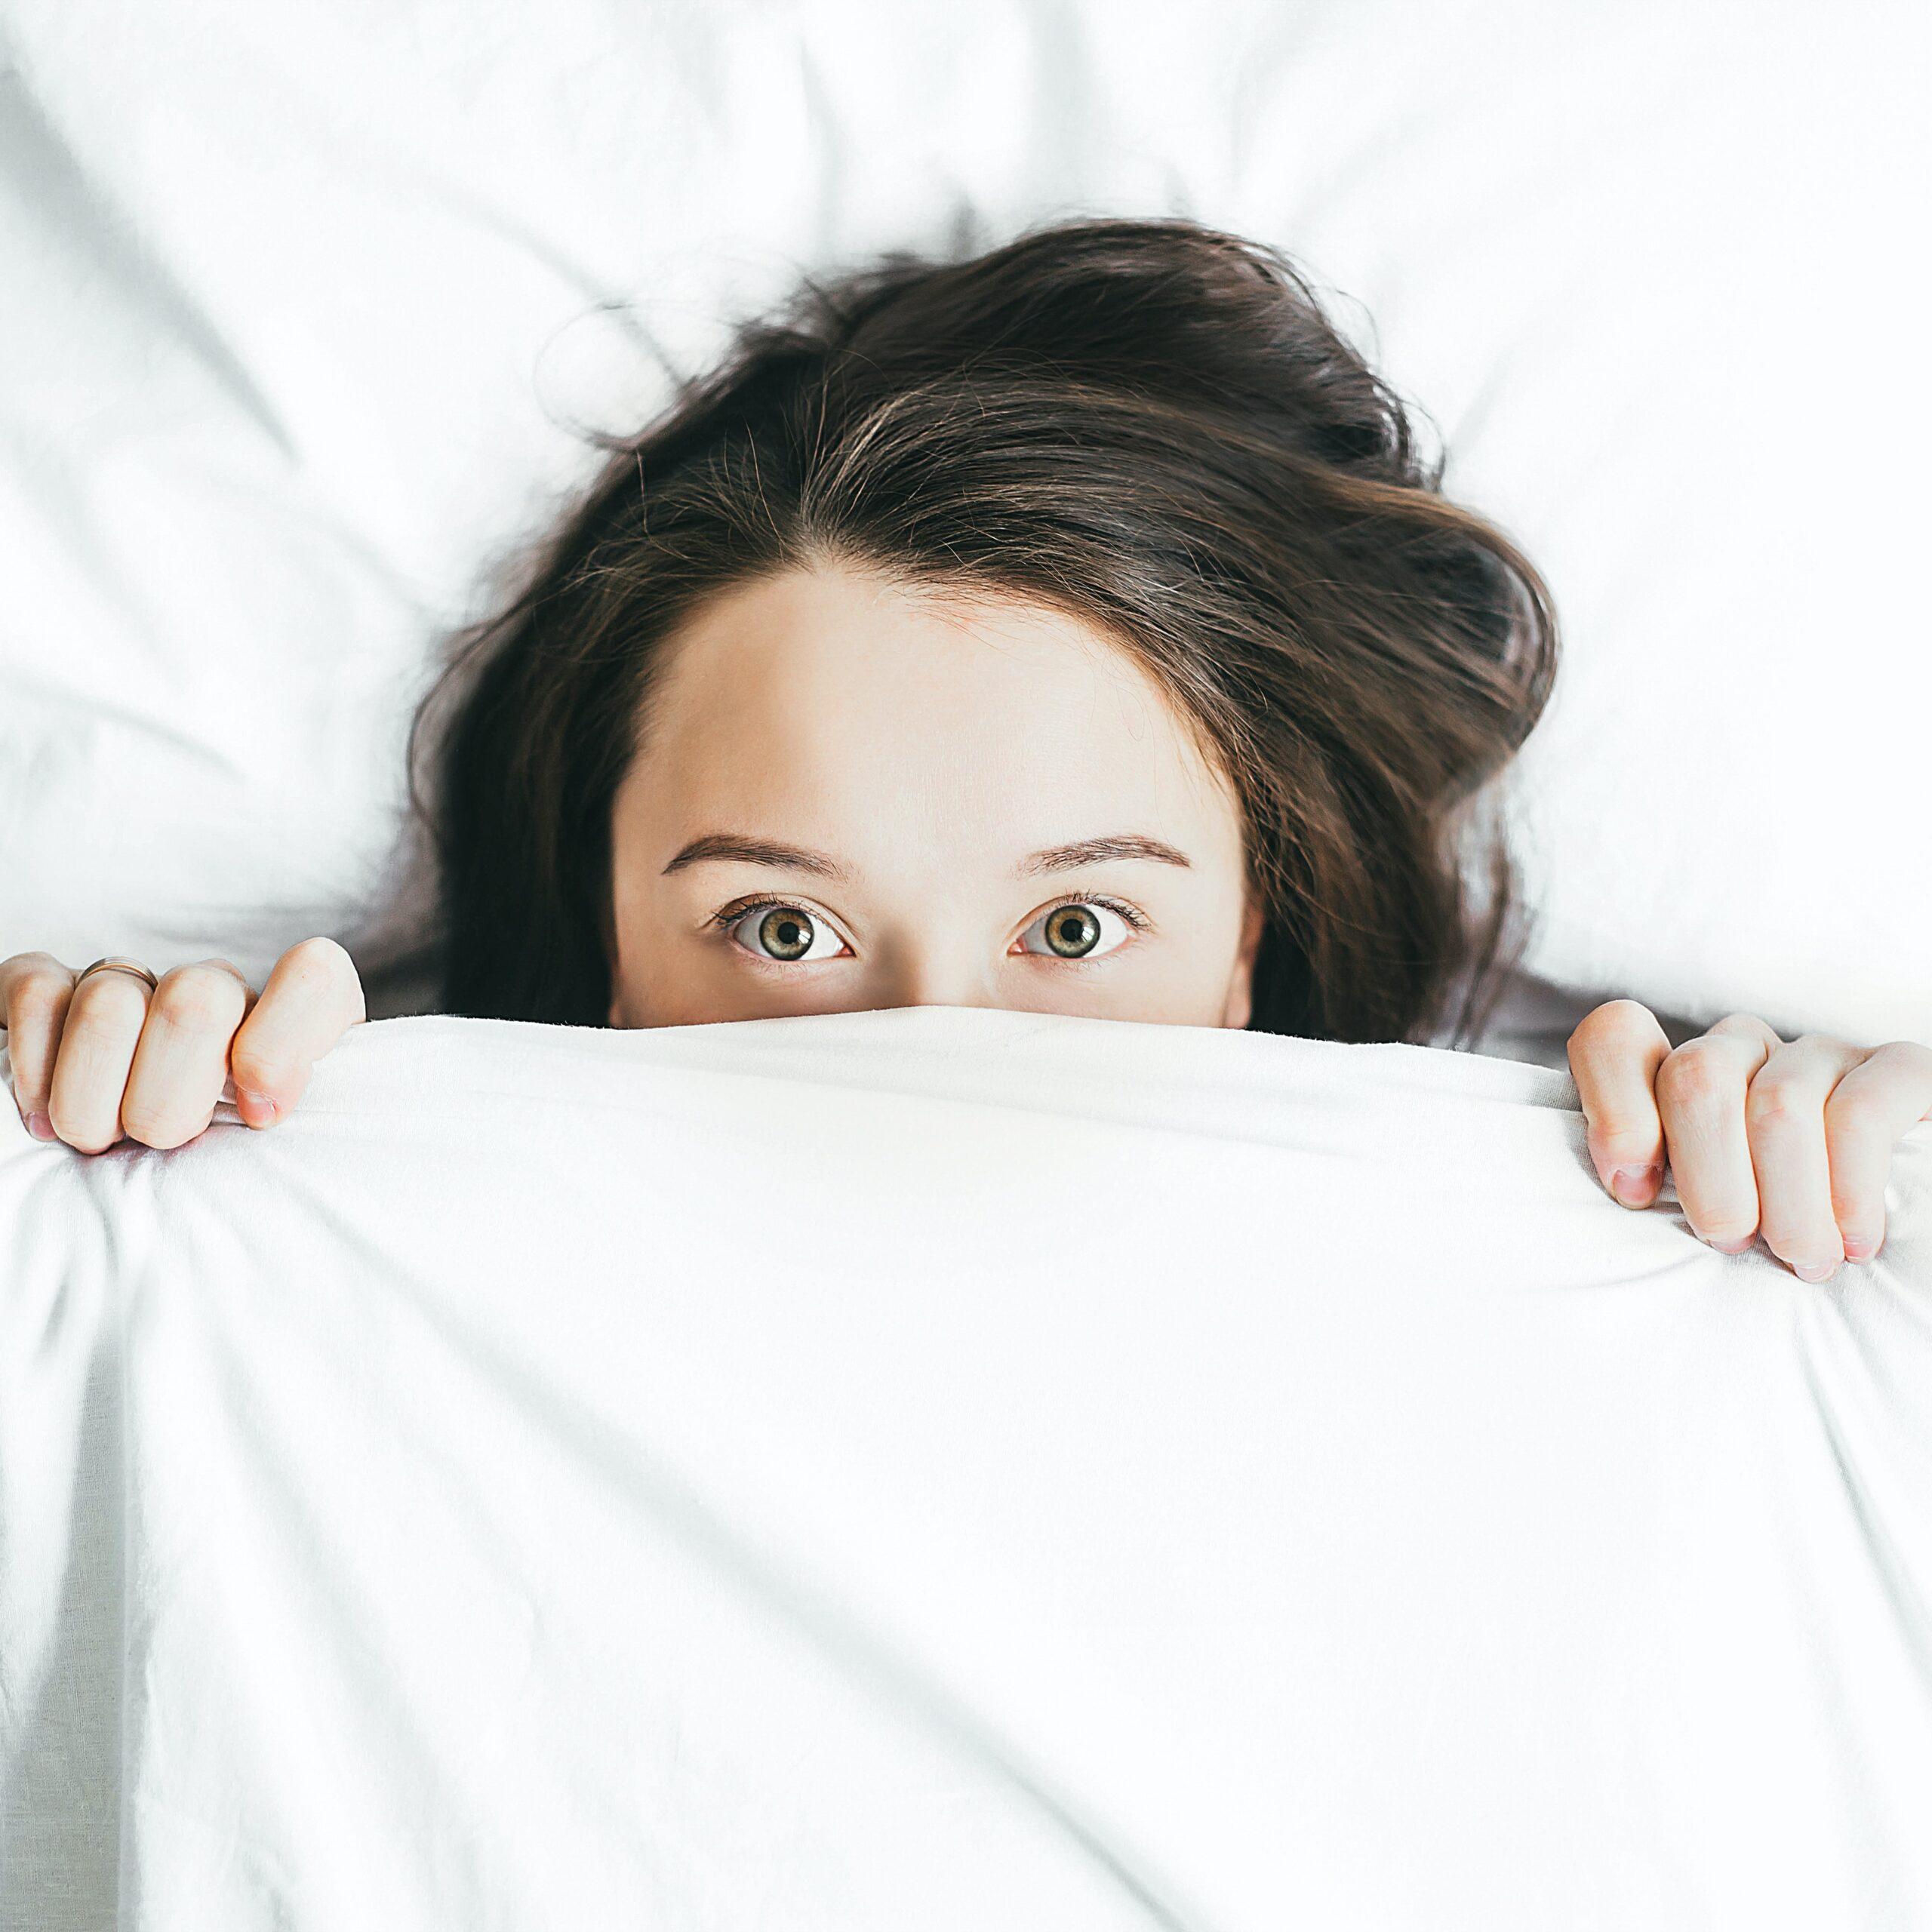 Paralysie du sommeil : L'hypnose pour retrouver des nuits sereines